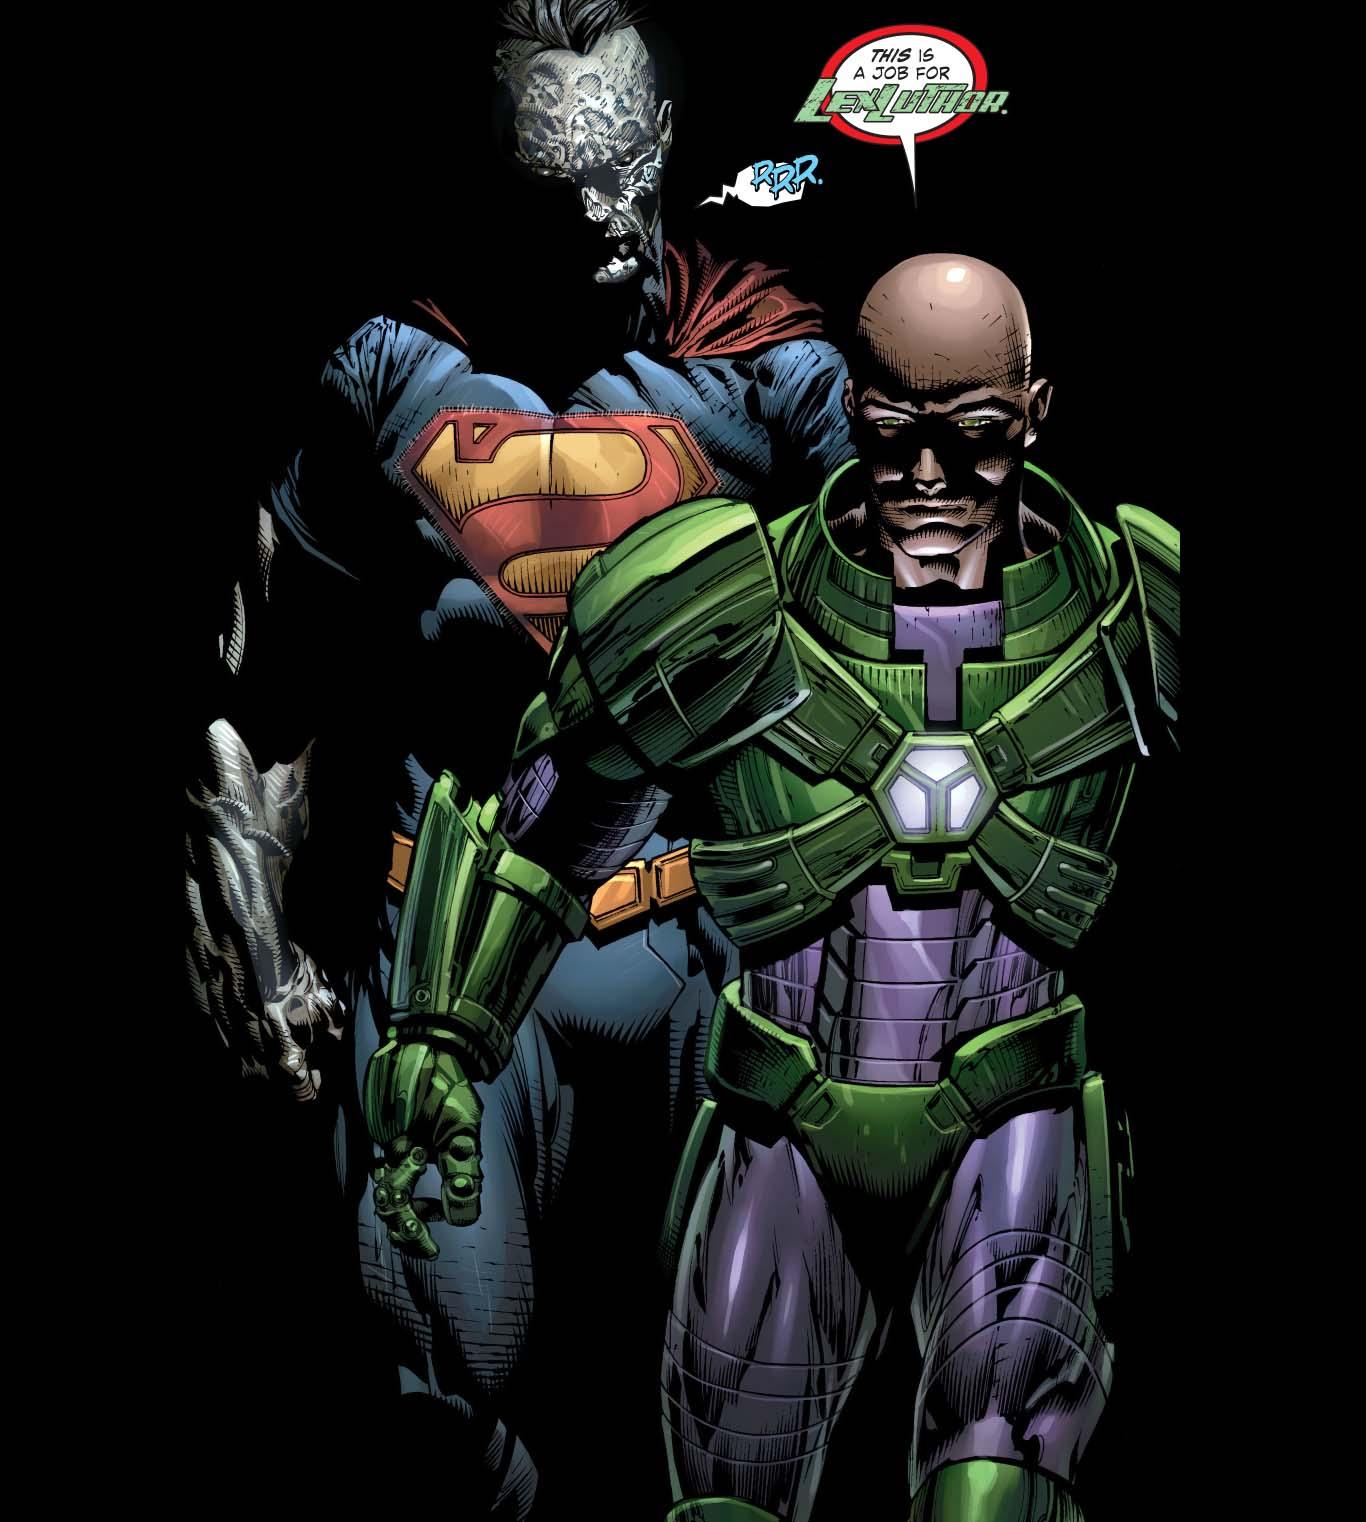 lex luthor and bizarro